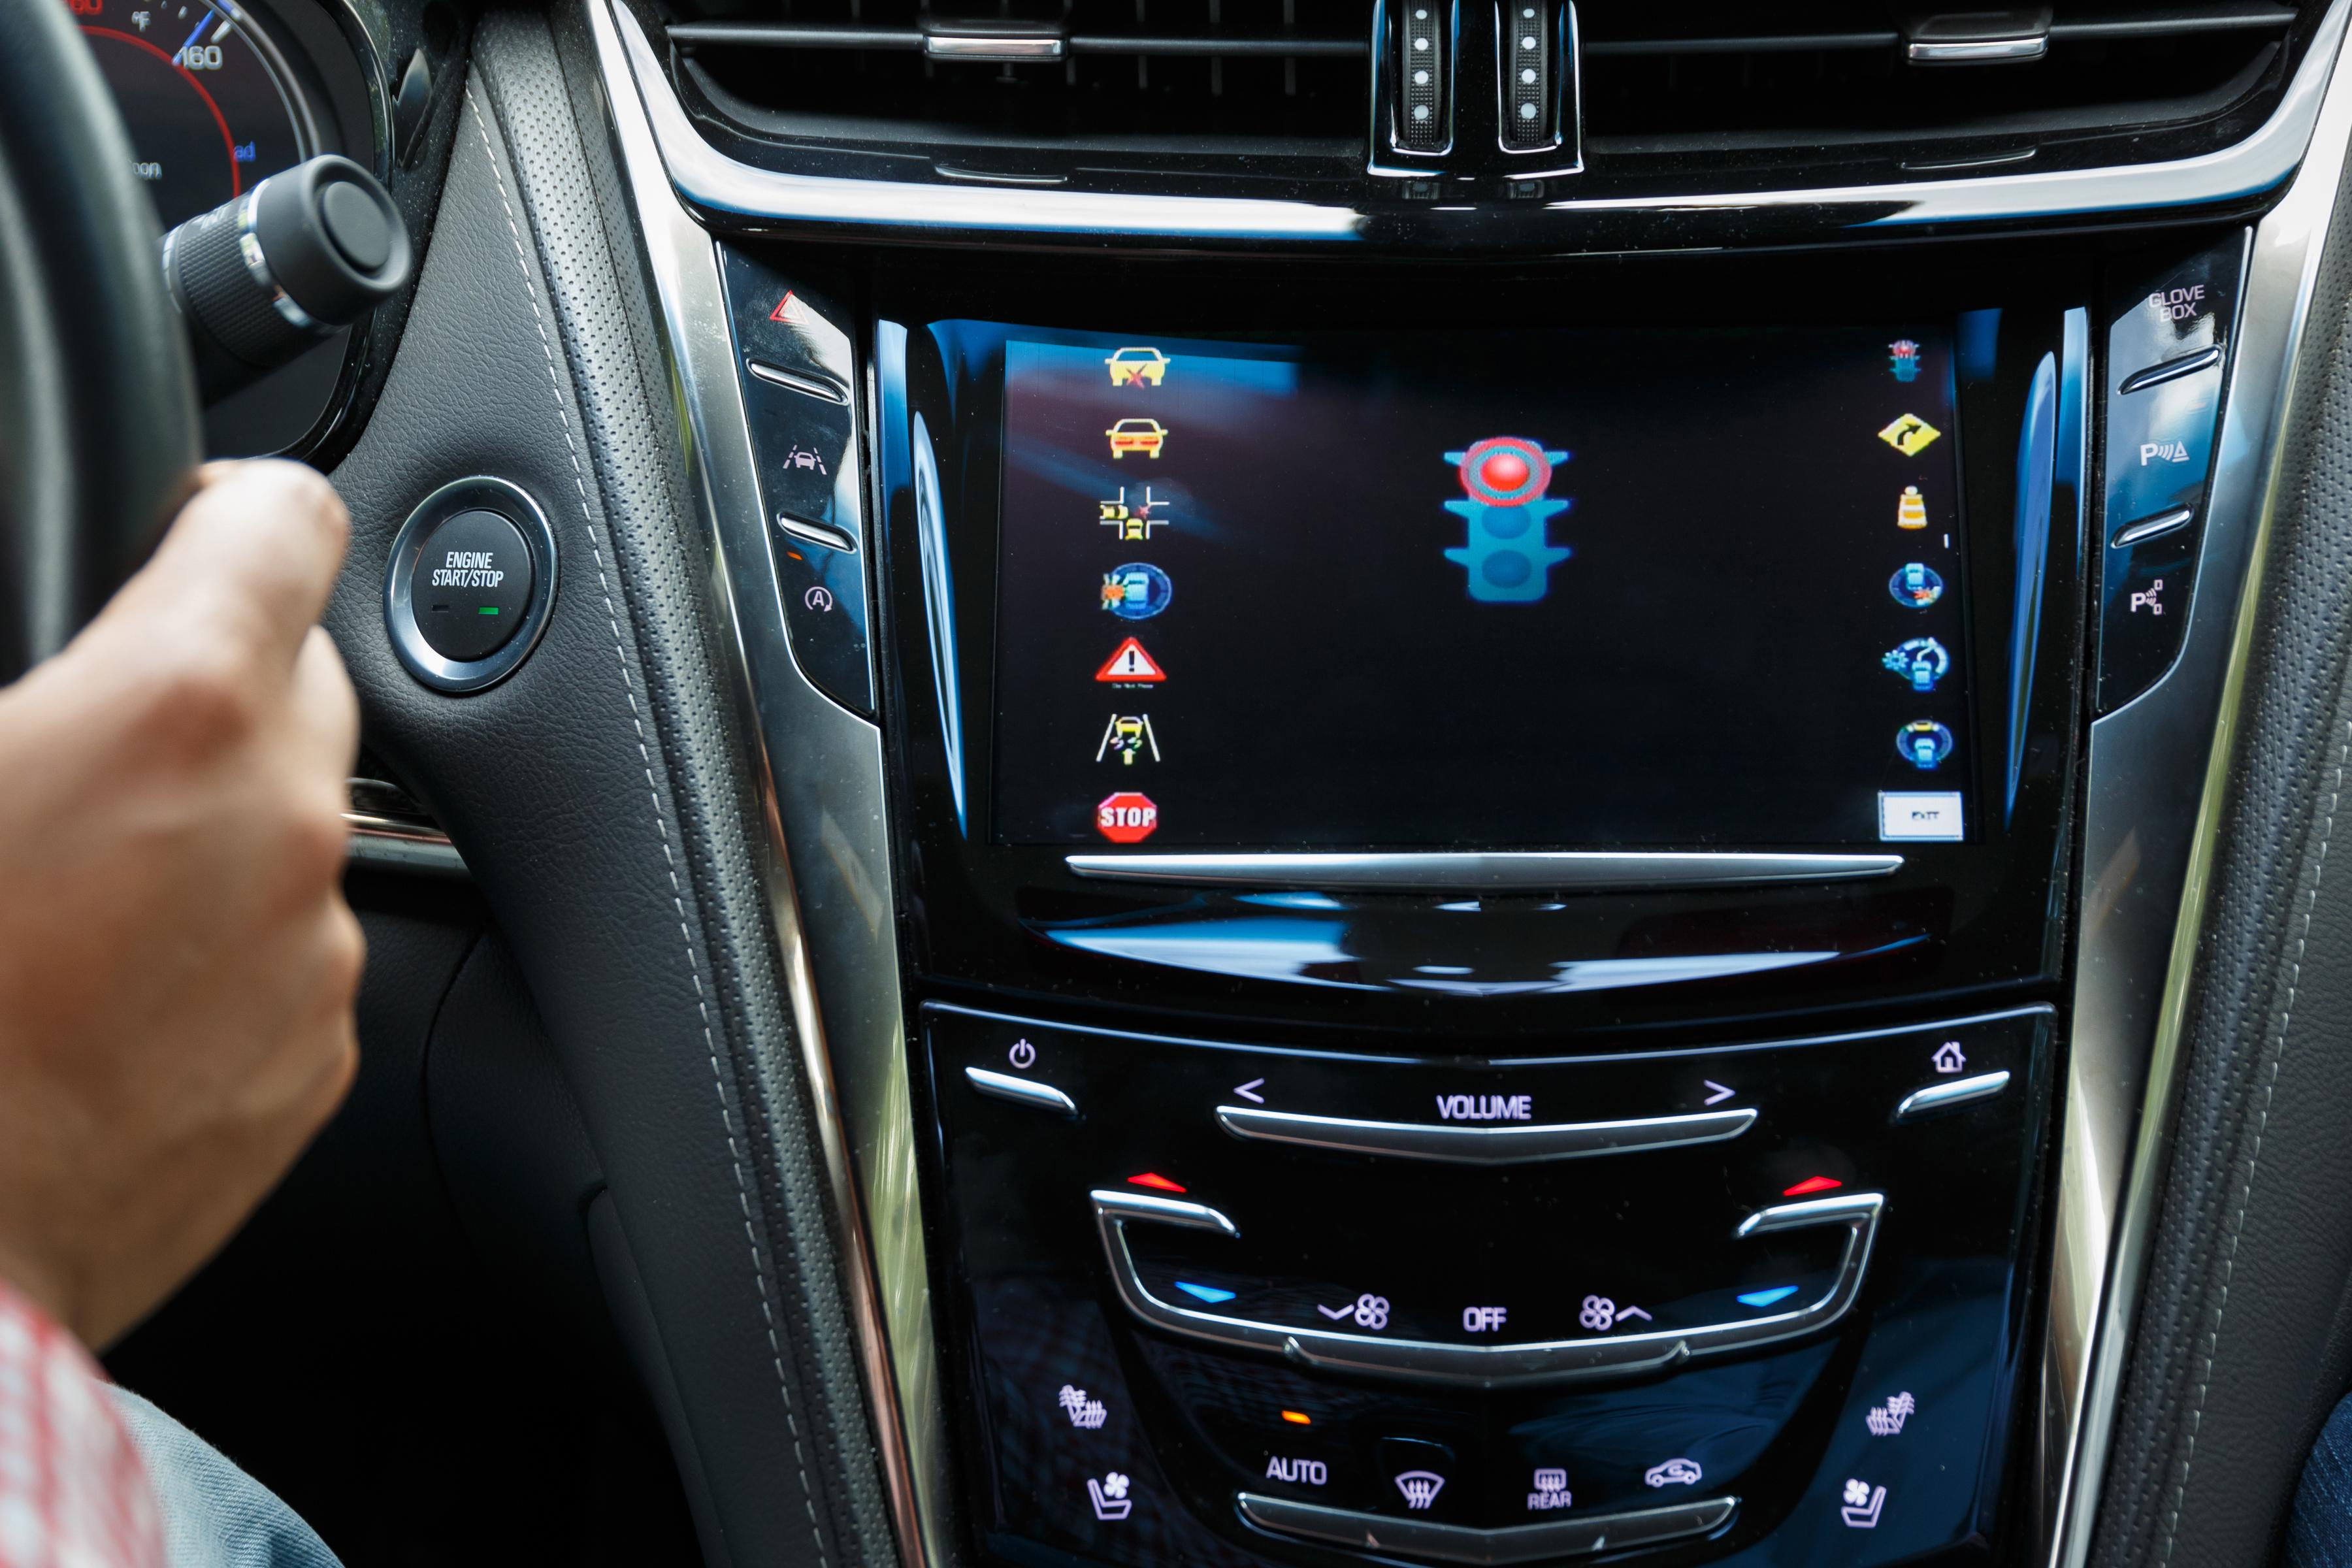 Автомобили Cadillac «научатся общаться» со сфетофорами 1